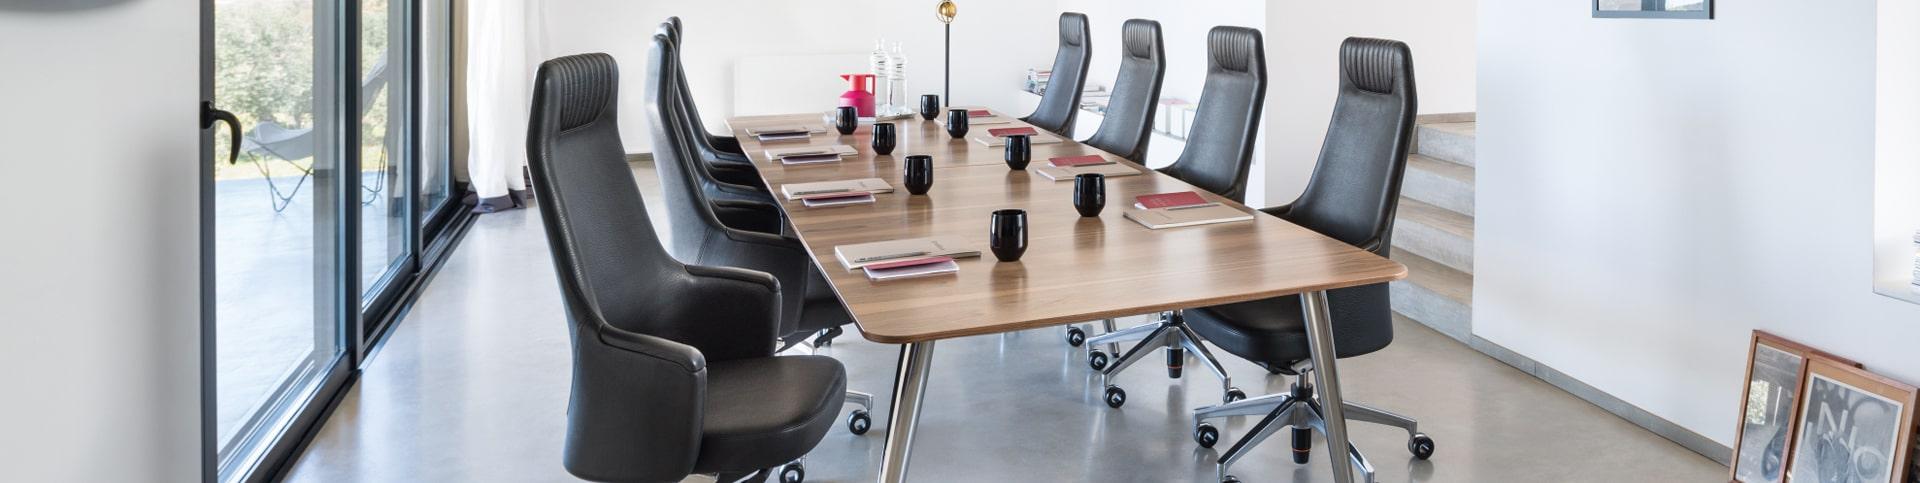 Konferenzmöbel von Sedus, Spiegels und C+P für Büro, Kanzlei, Wartezimmer und mehr.